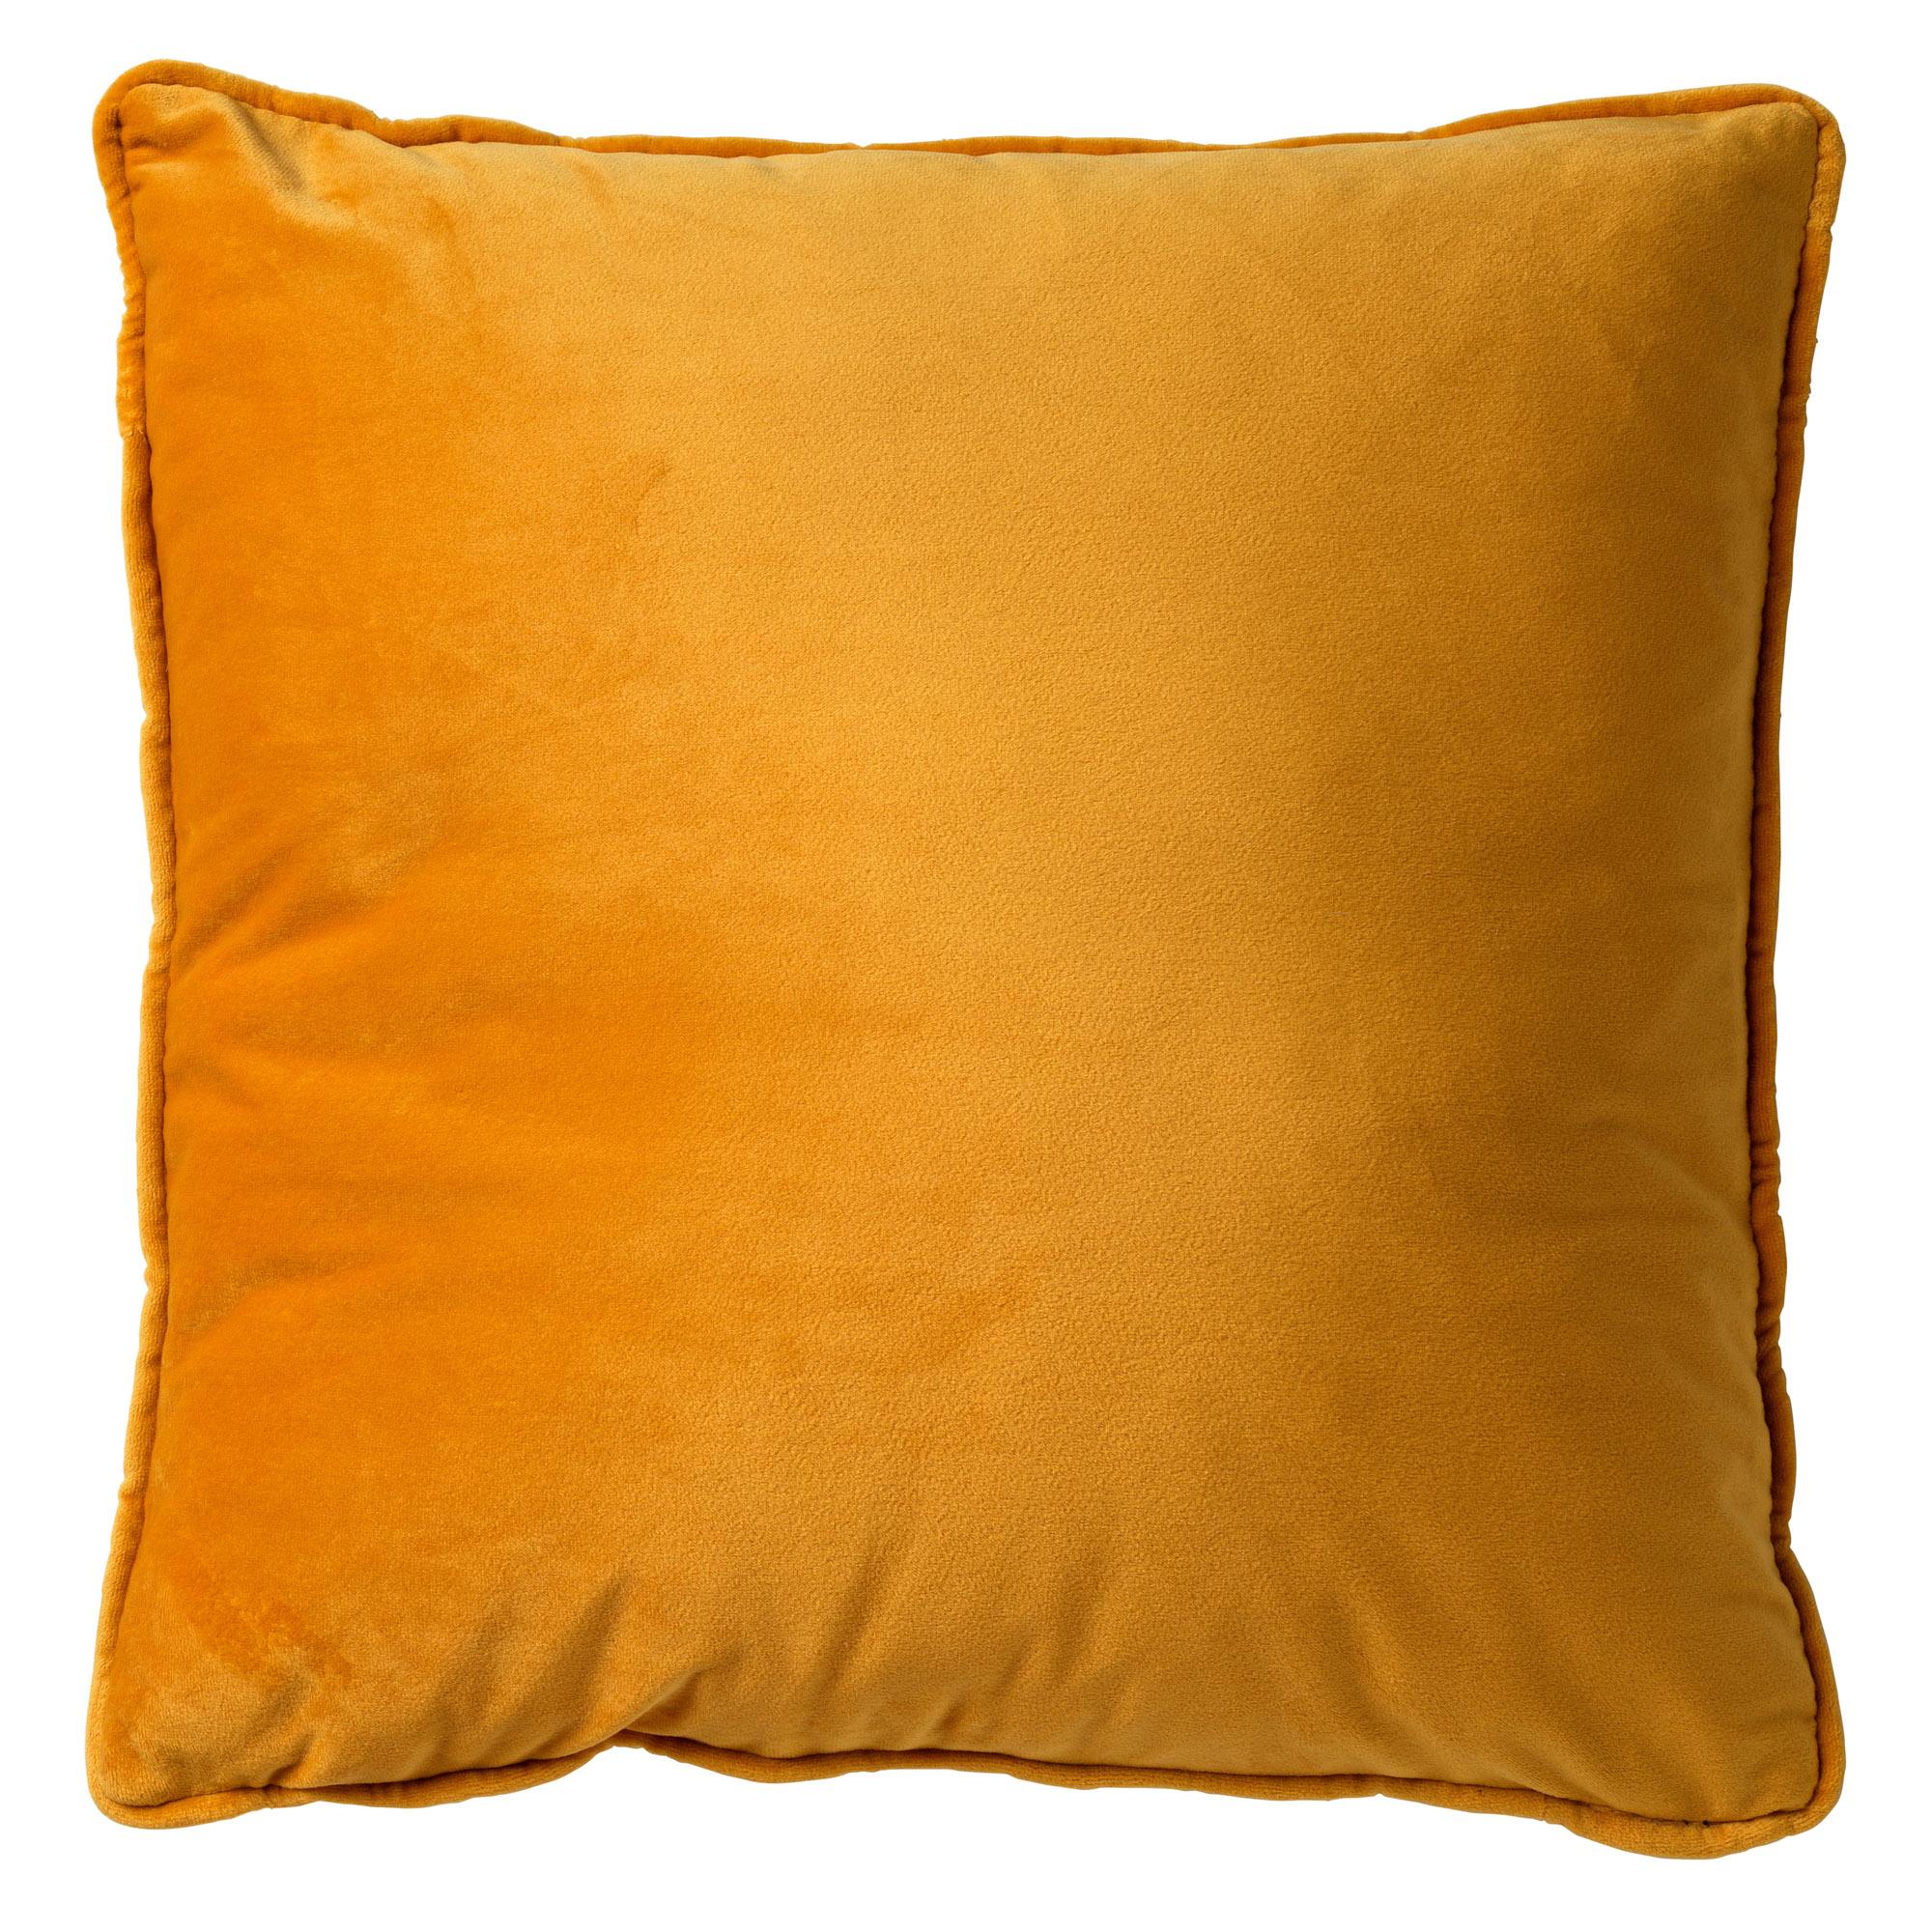 FINN - Sierkussen velvet Golden Glow 60x60 cm